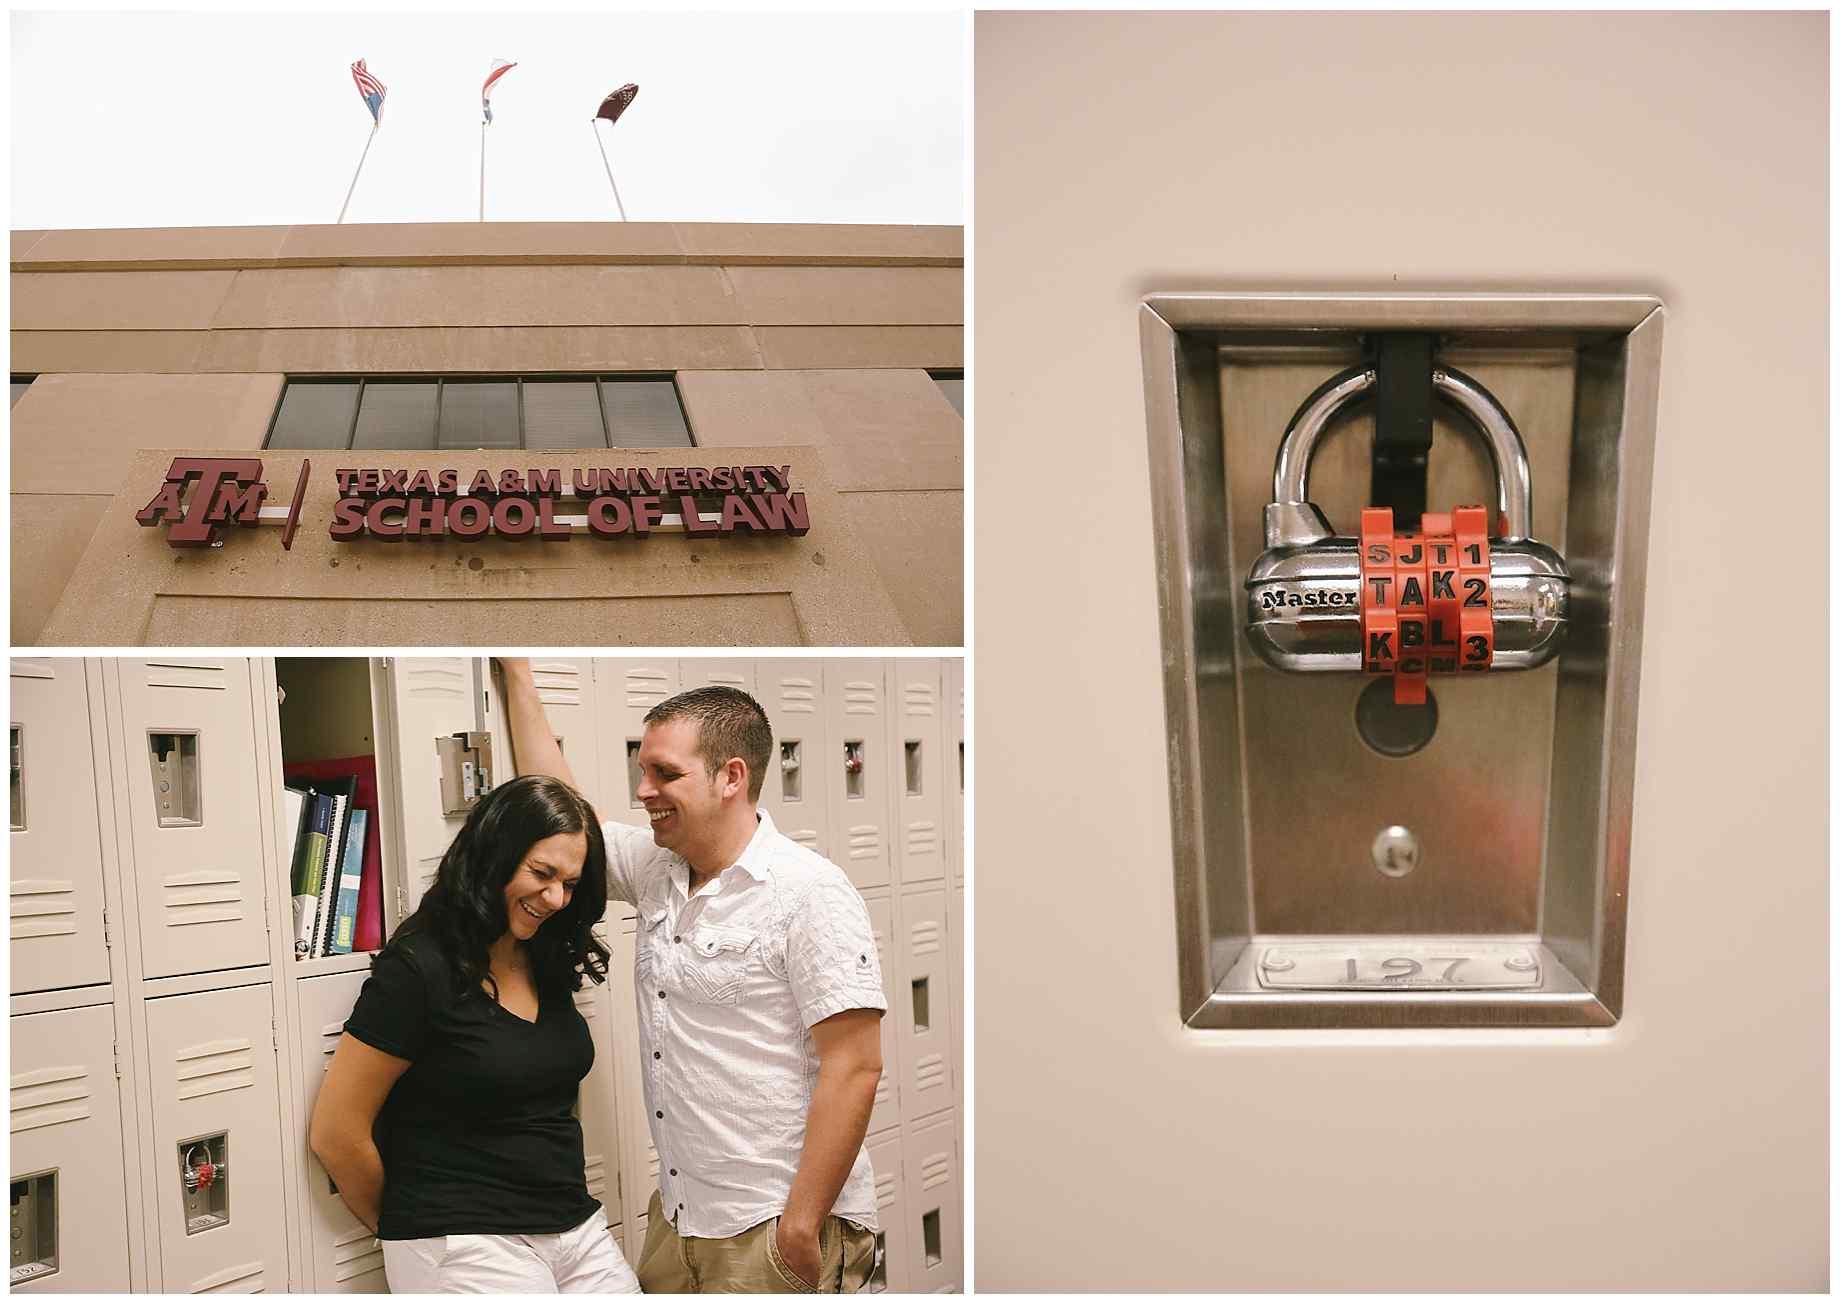 texas-atm-school-of-law-photos-01